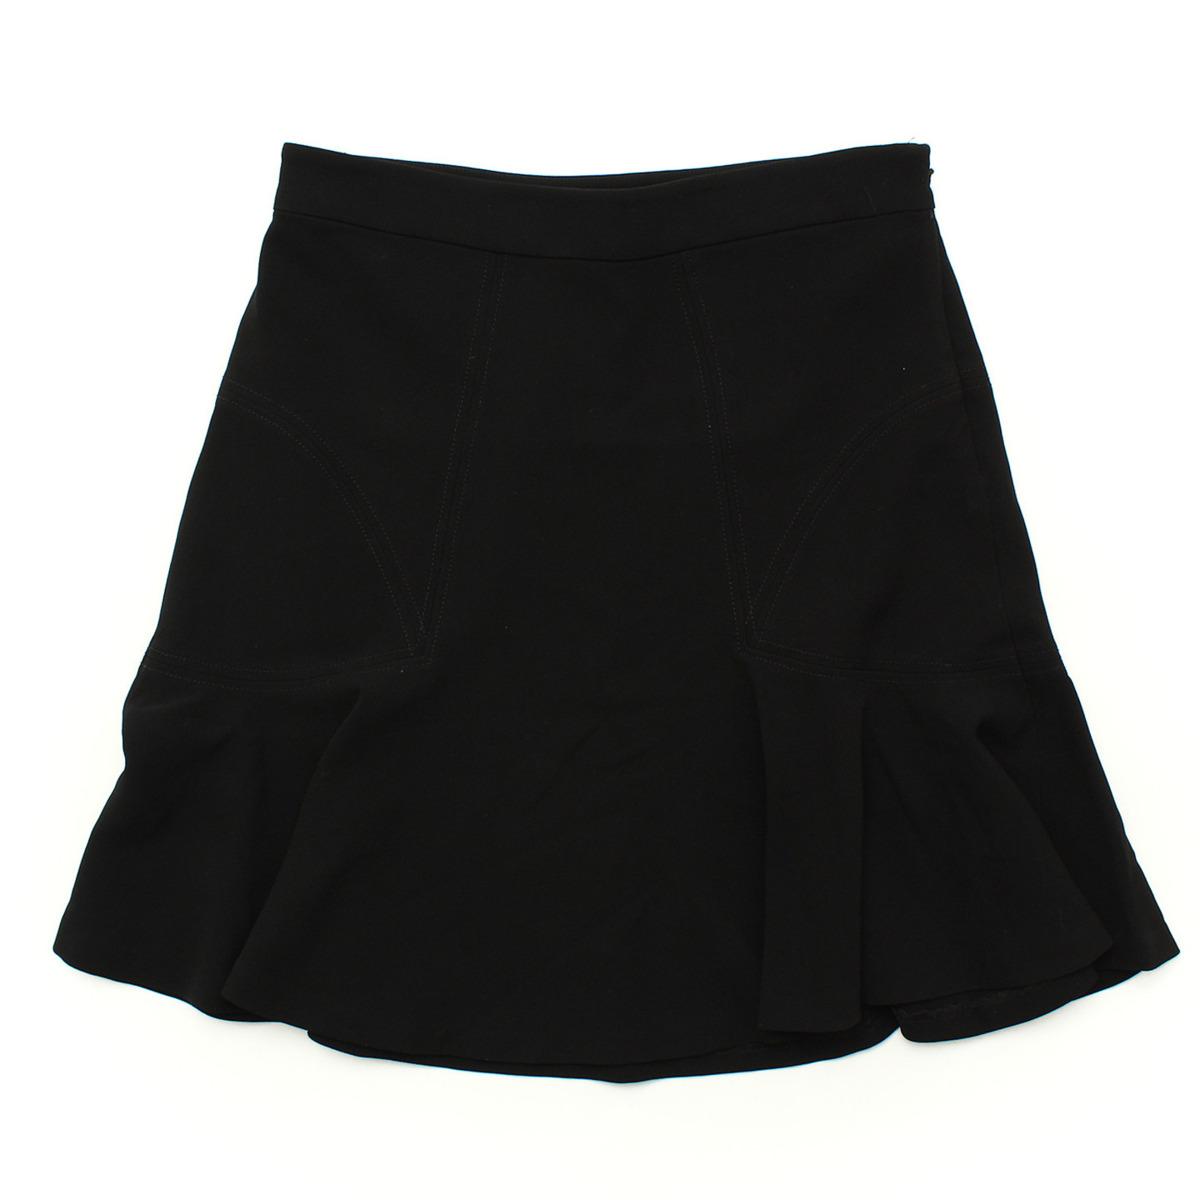 【ダイアン フォン ファステンバーグ】Diane Von Furstenber 裾フレア スカート ブラック 4 未使用【中古】【鑑定済・正規品保証】【送料無料】29024